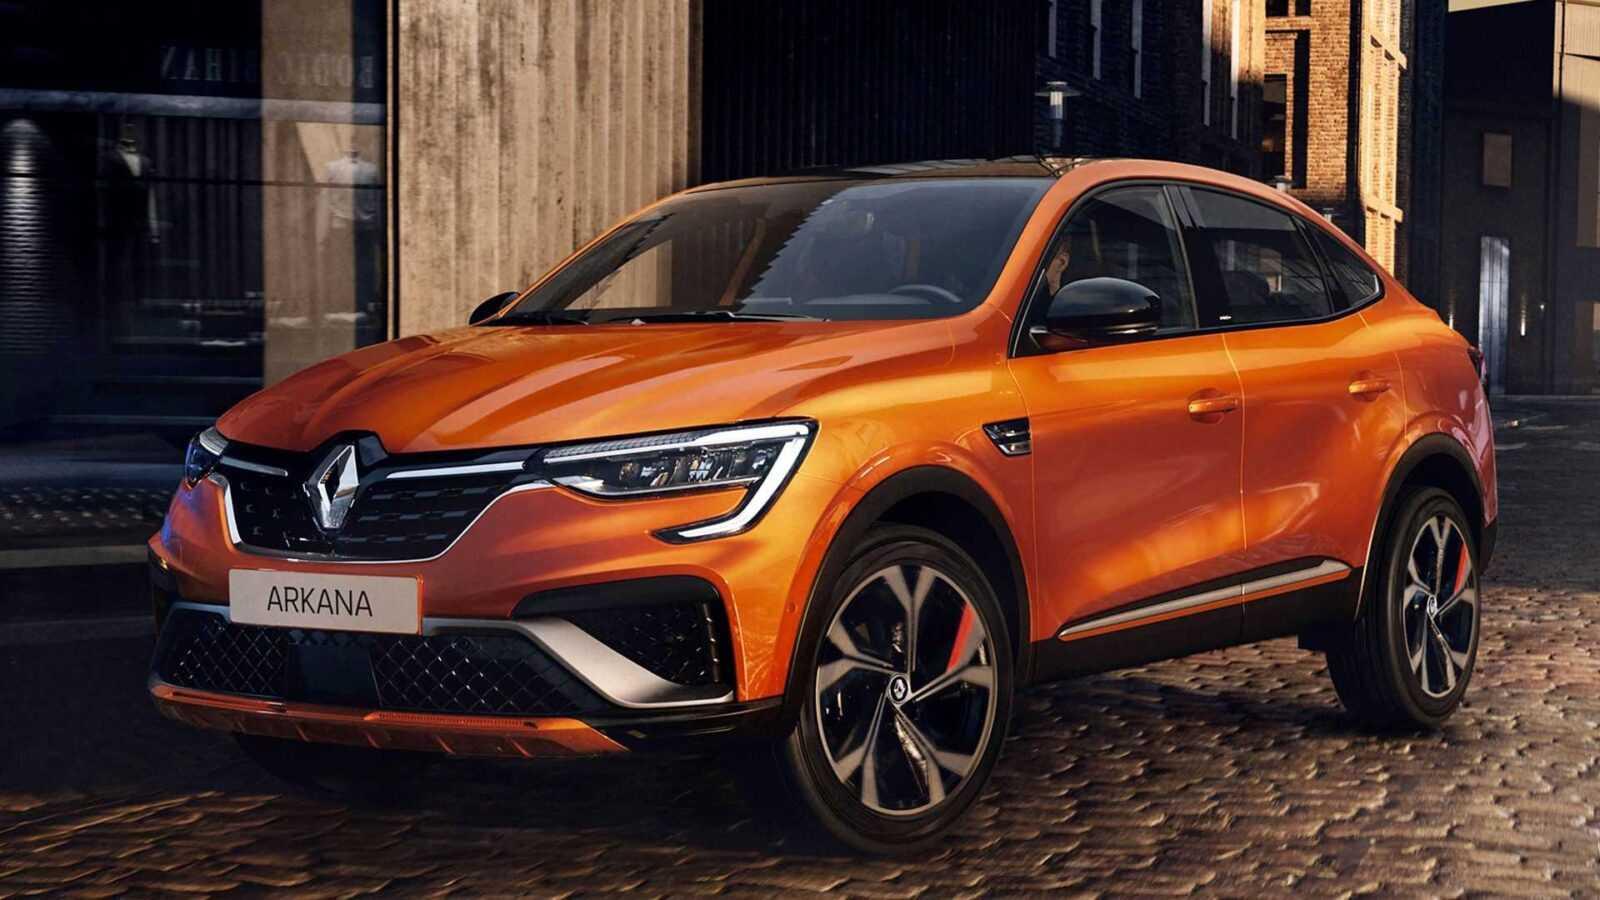 Renault и Ситидрайв начали сотрудничать (renault arkana 2020)